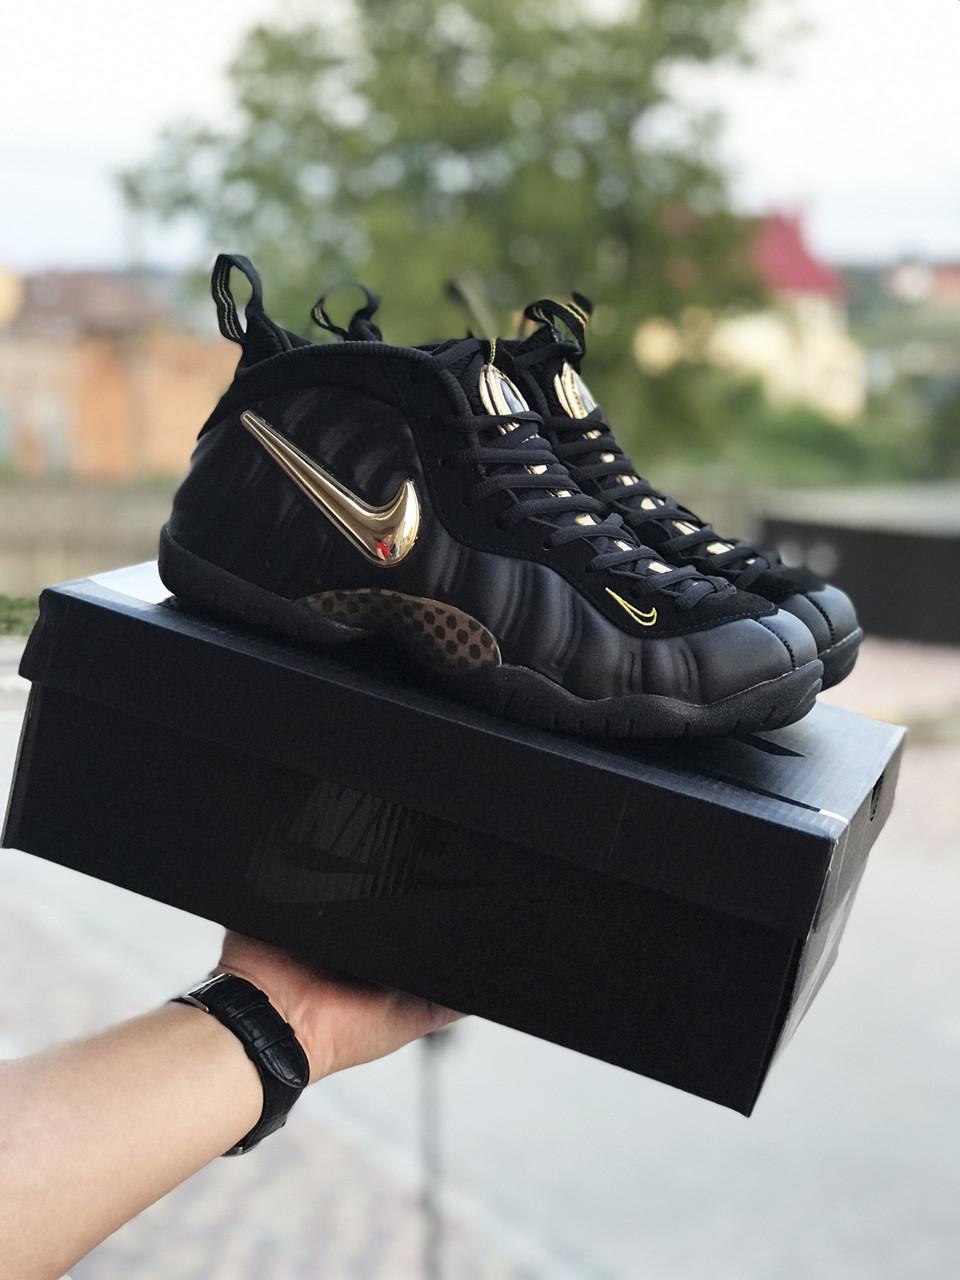 Мужские кроссовки (в стиле) Nike Air Foamposite Pro,черные с золотым 46р